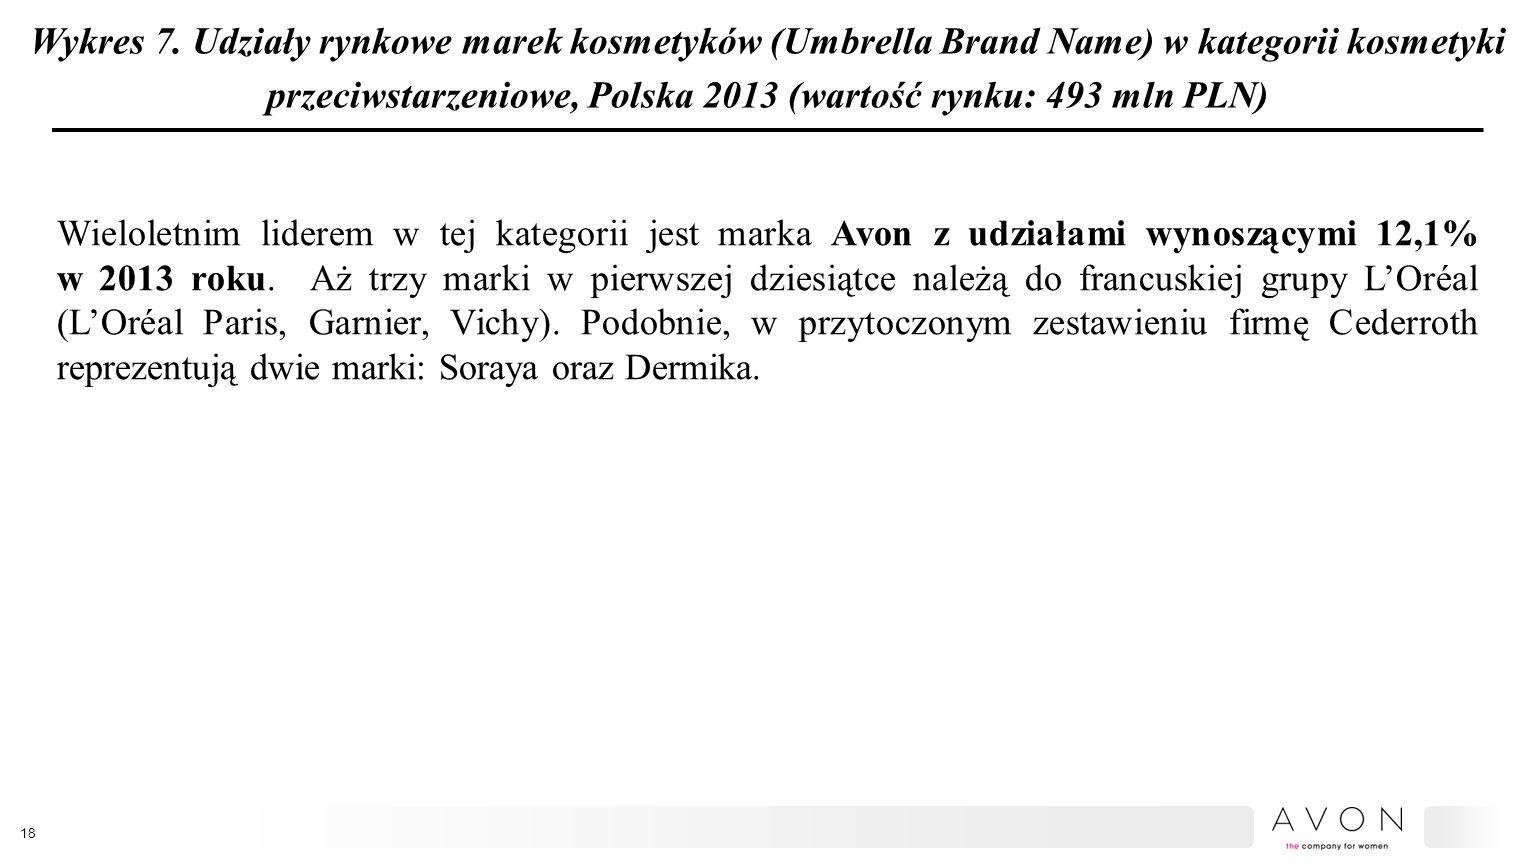 Wykres 7. Udziały rynkowe marek kosmetyków (Umbrella Brand Name) w kategorii kosmetyki przeciwstarzeniowe, Polska 2013 (wartość rynku: 493 mln PLN)